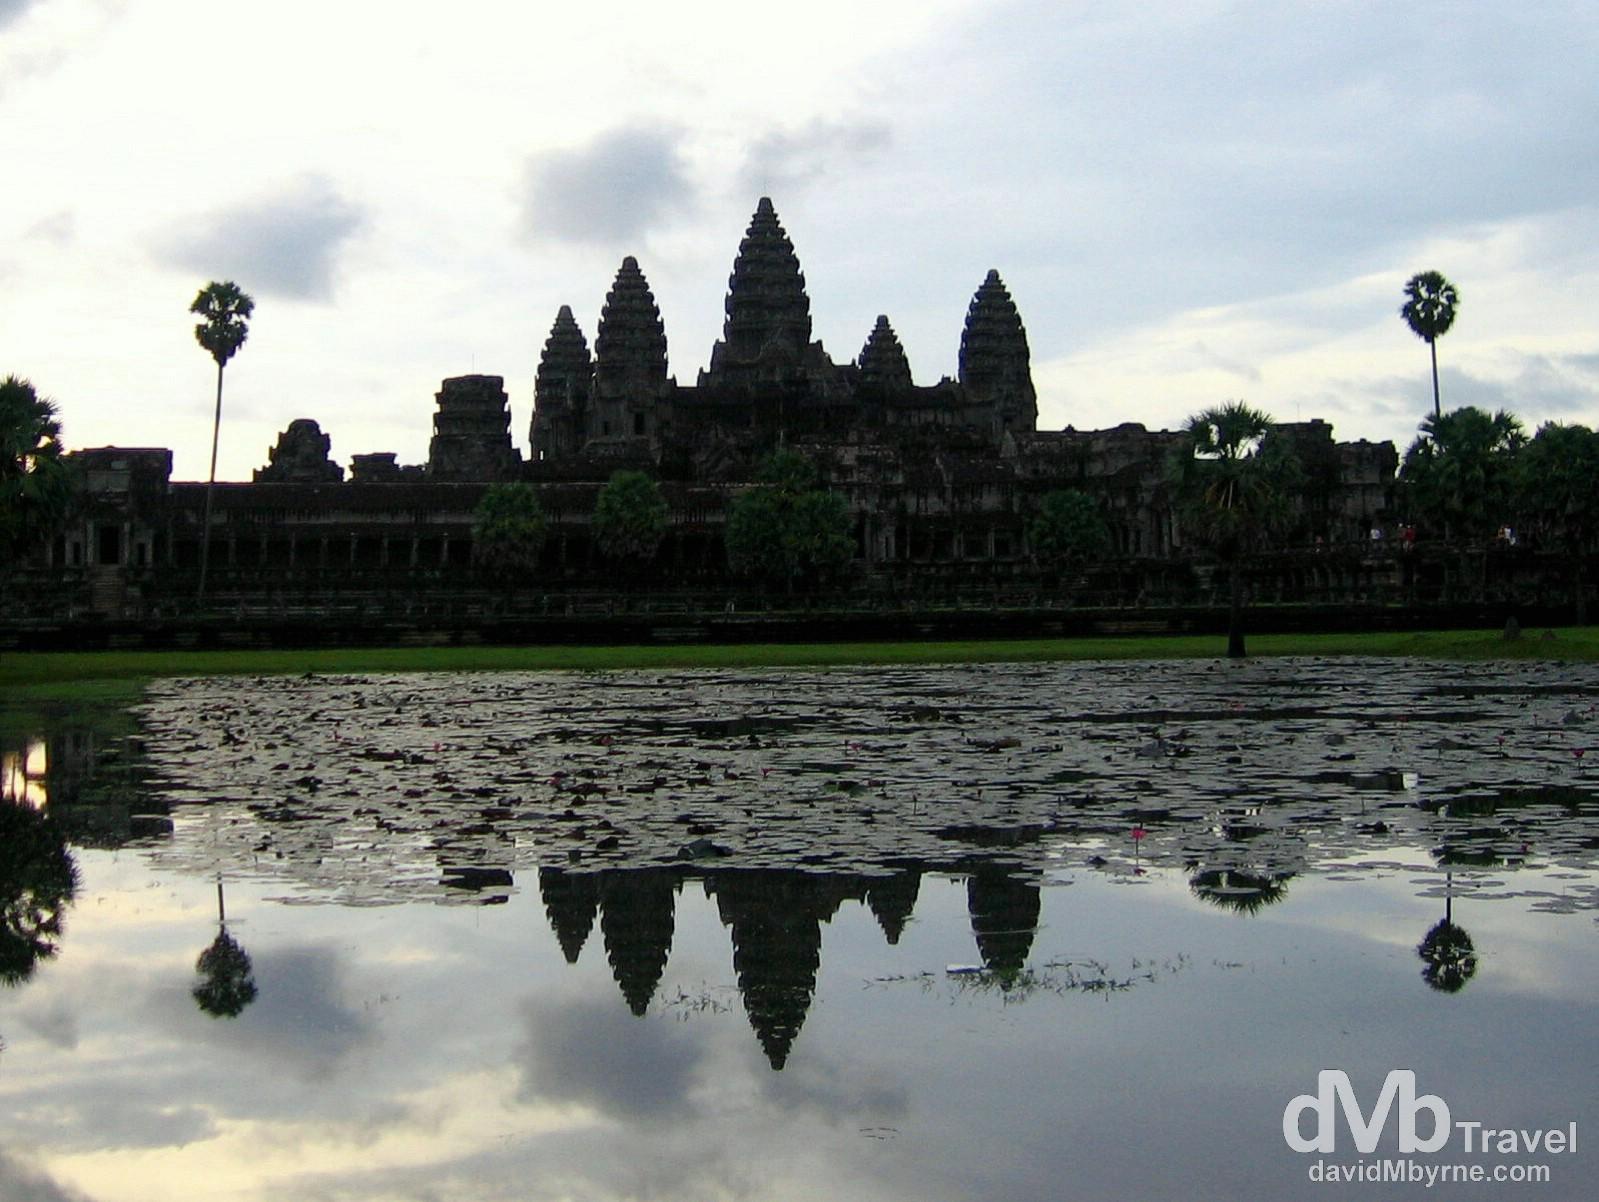 Dawn at Angkor Wat of the Angkor temples, Cambodia. September 20th 2005.